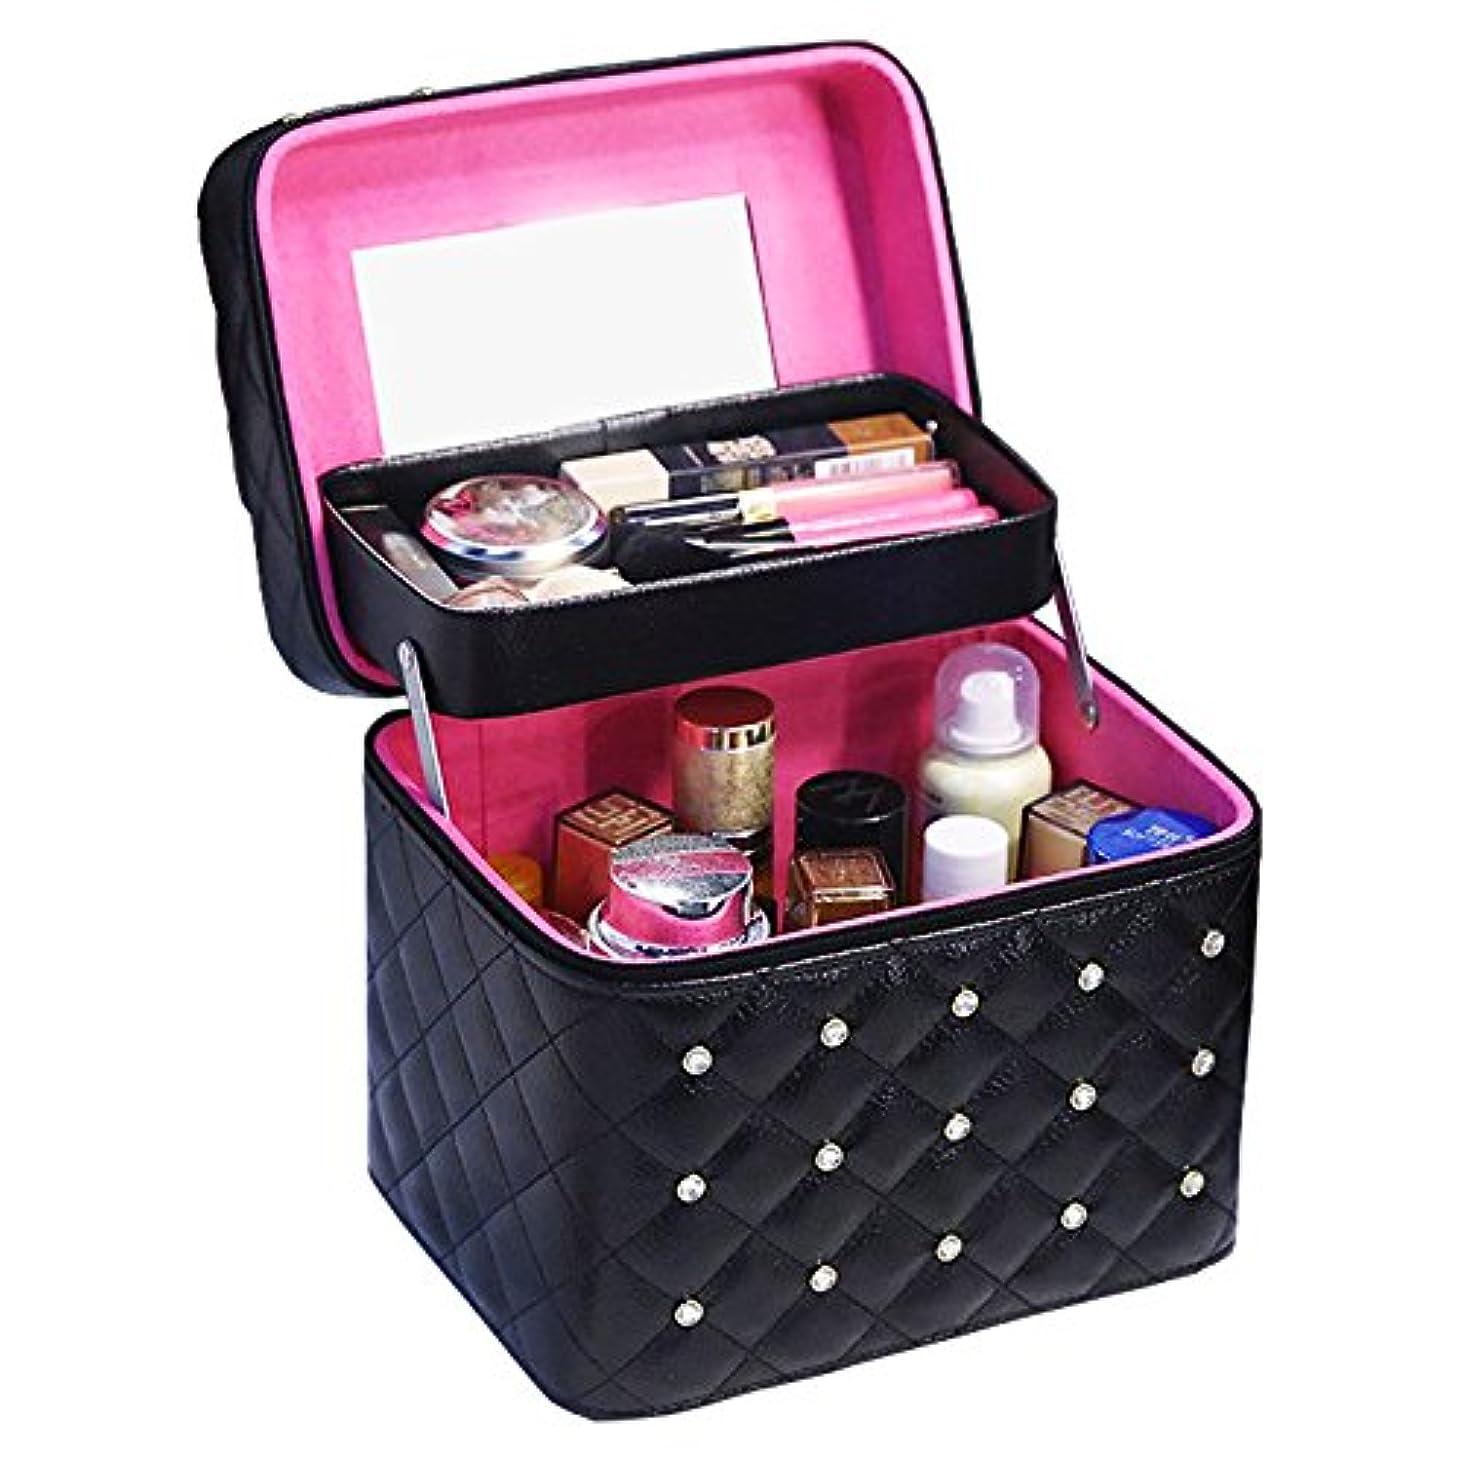 櫛誰でも一見Twinkle goods (ツインクルグッズ) メイクボックス コスメボックス 化粧品 収納 PUレザー お洒落なデザイン メイク道具をすっきり収納 携帯にも 2段タイプ